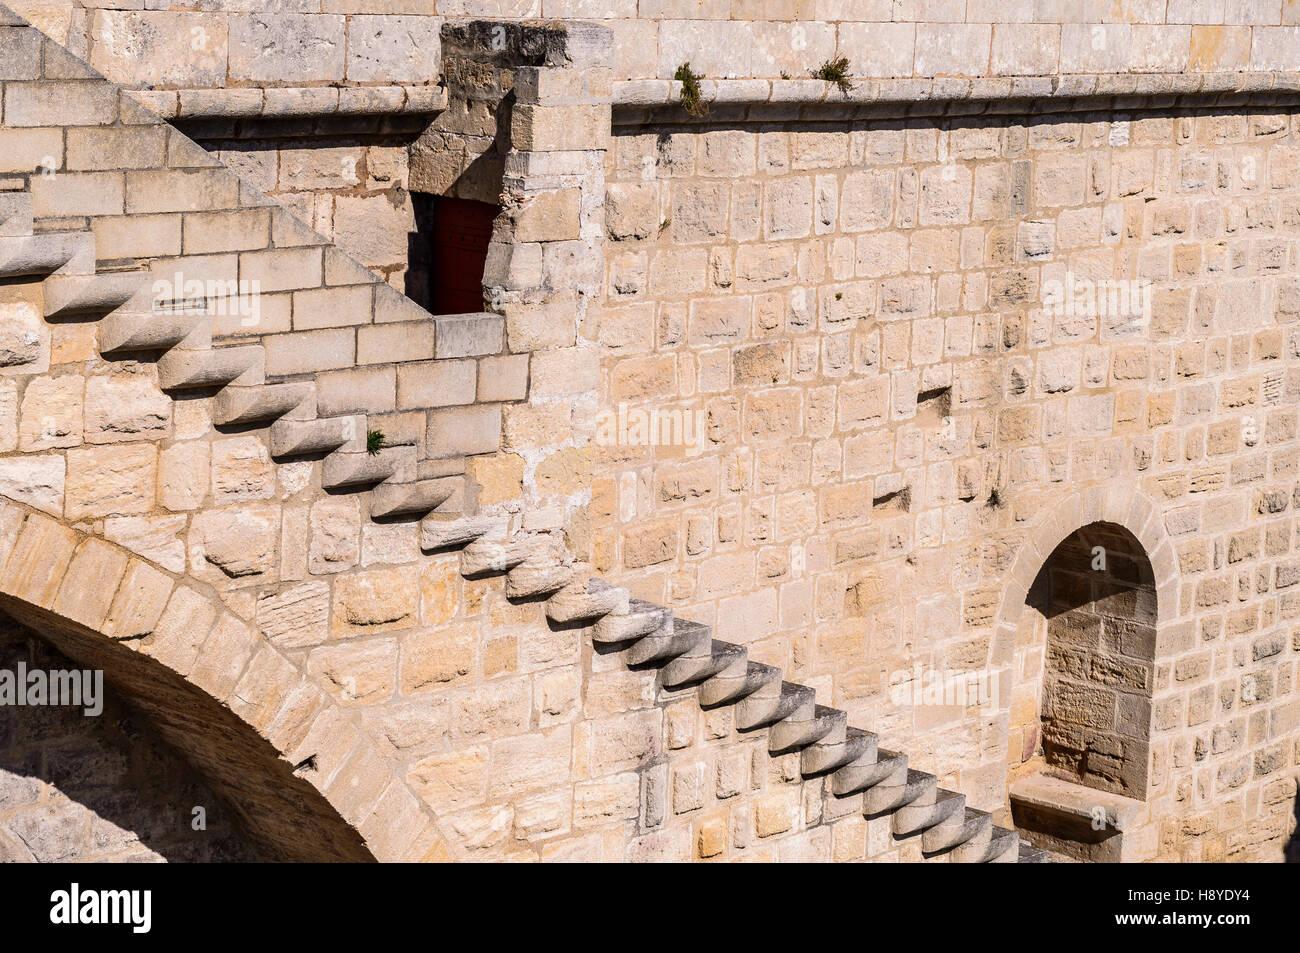 Escalier  des Remparts Aigues-Mortes,Camargue AIGUES-MORTES - FRANCE - Stock Image